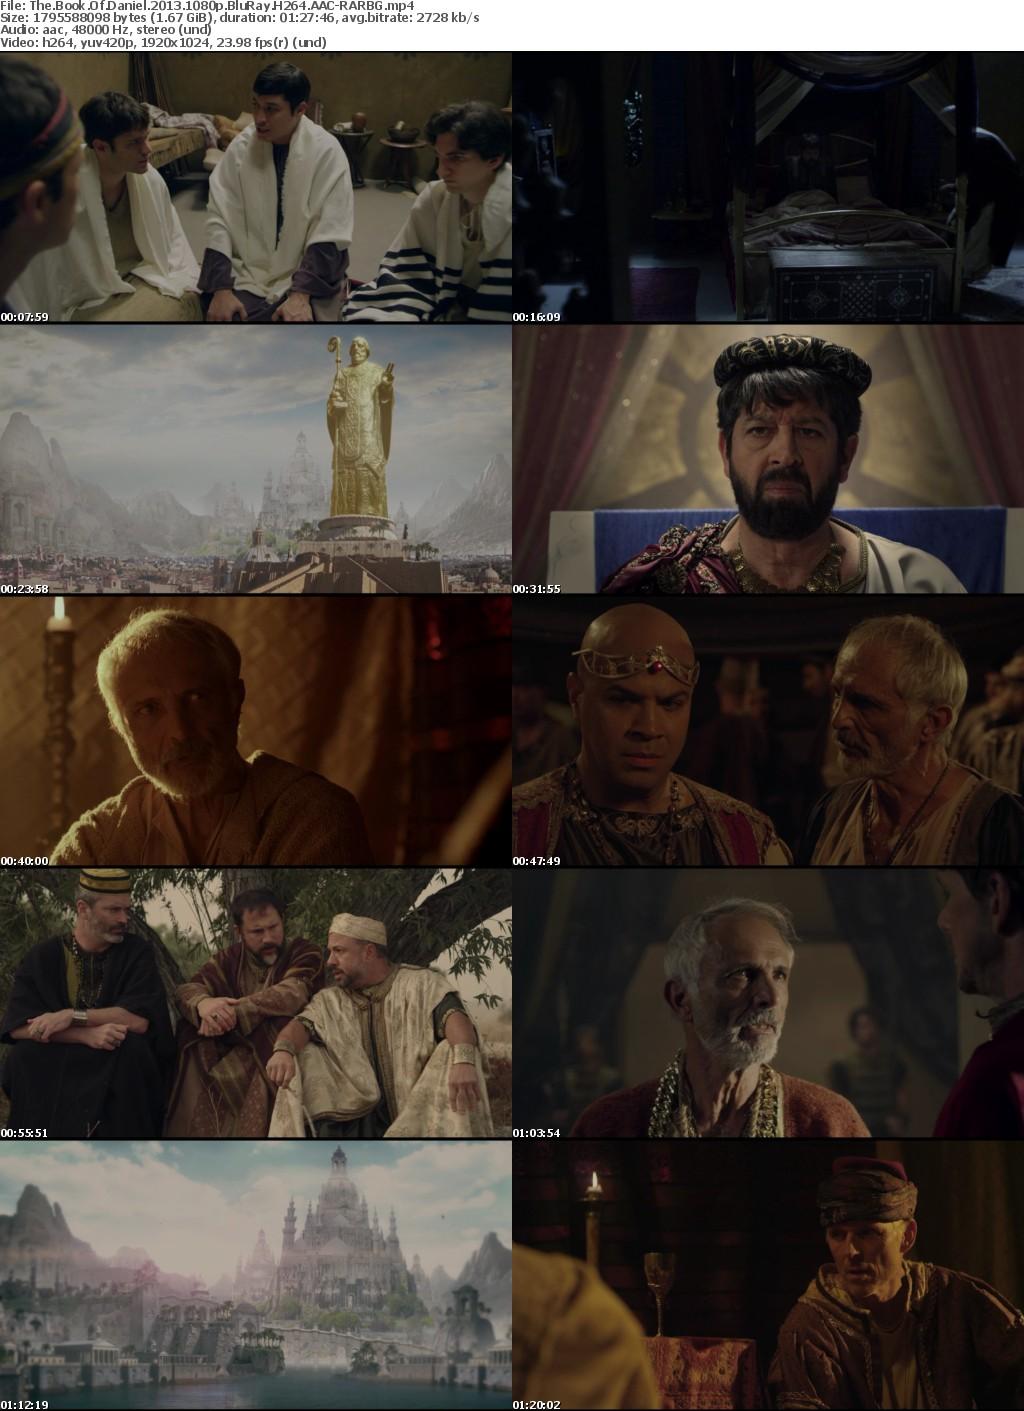 The Book Of Daniel (2013) 1080p BluRay H264 AAC-RARBG